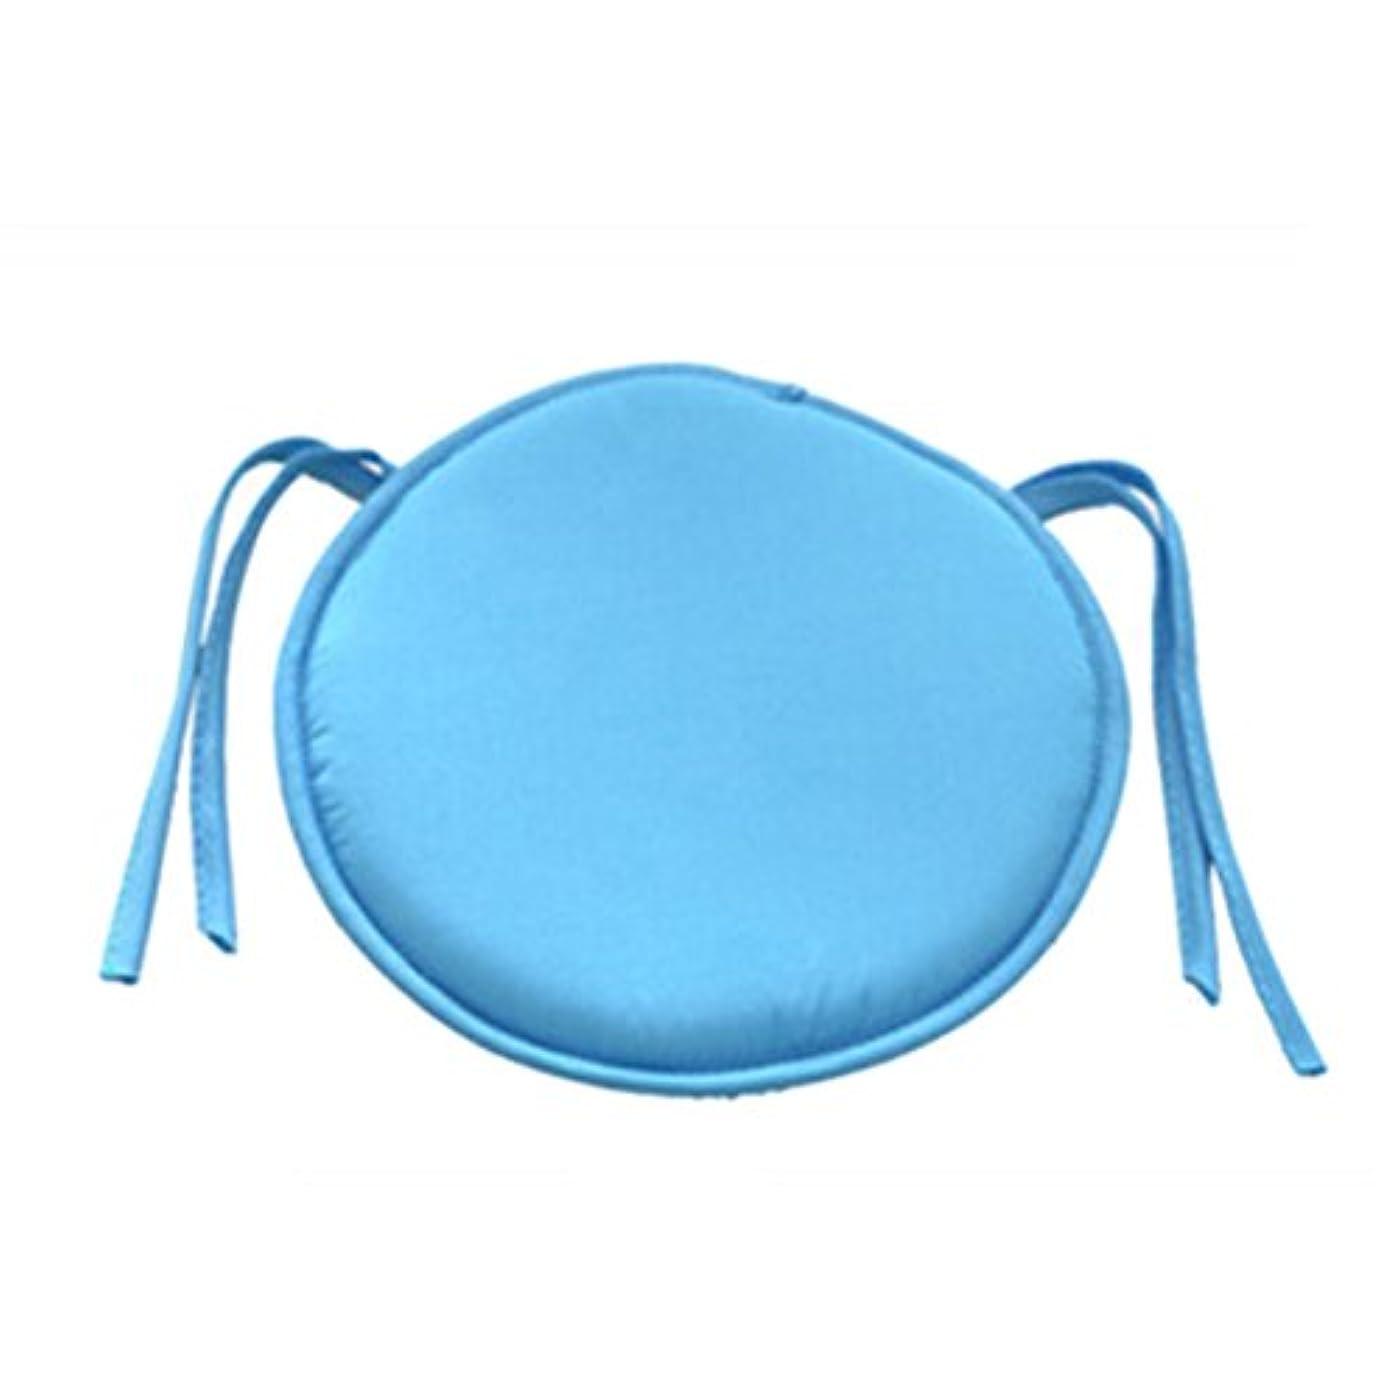 保守的ぶら下がるミニチュアLIFE ホット販売ラウンドチェアクッション屋内ポップパティオオフィスチェアシートパッドネクタイスクエアガーデンキッチンダイニングクッション クッション 椅子